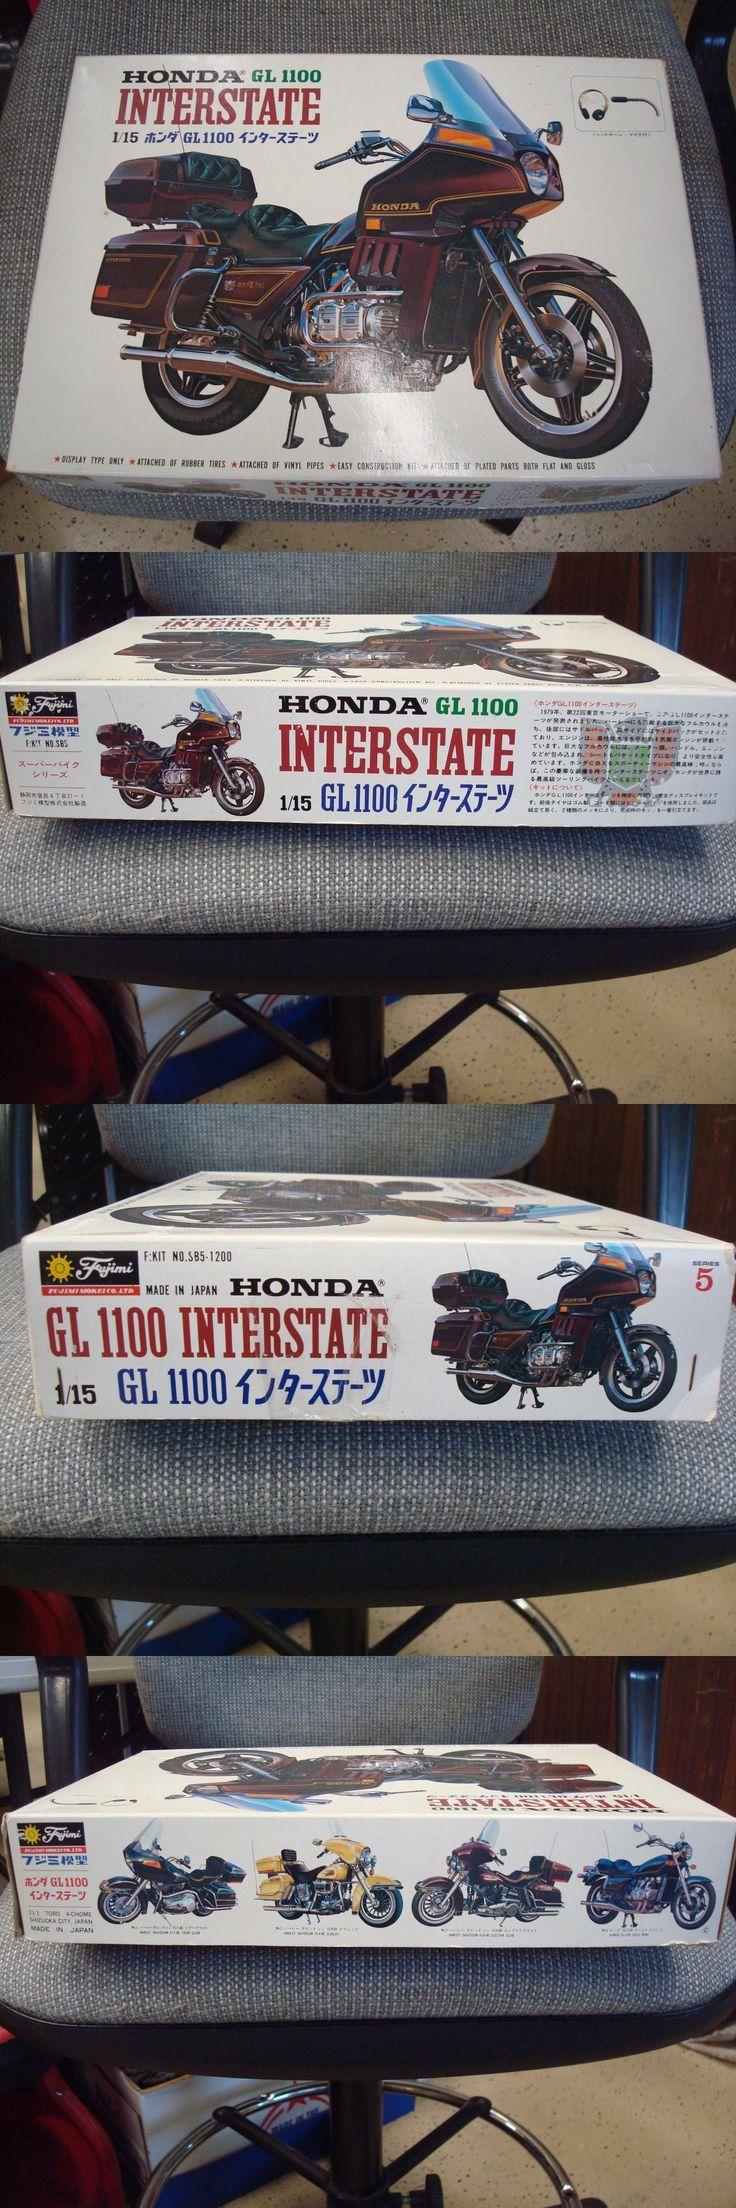 Motorcycle 2591: Fujimi Honda Gl1100 Goldwing Gold Wing Interstate Motorcycle Mo… – โมเดล